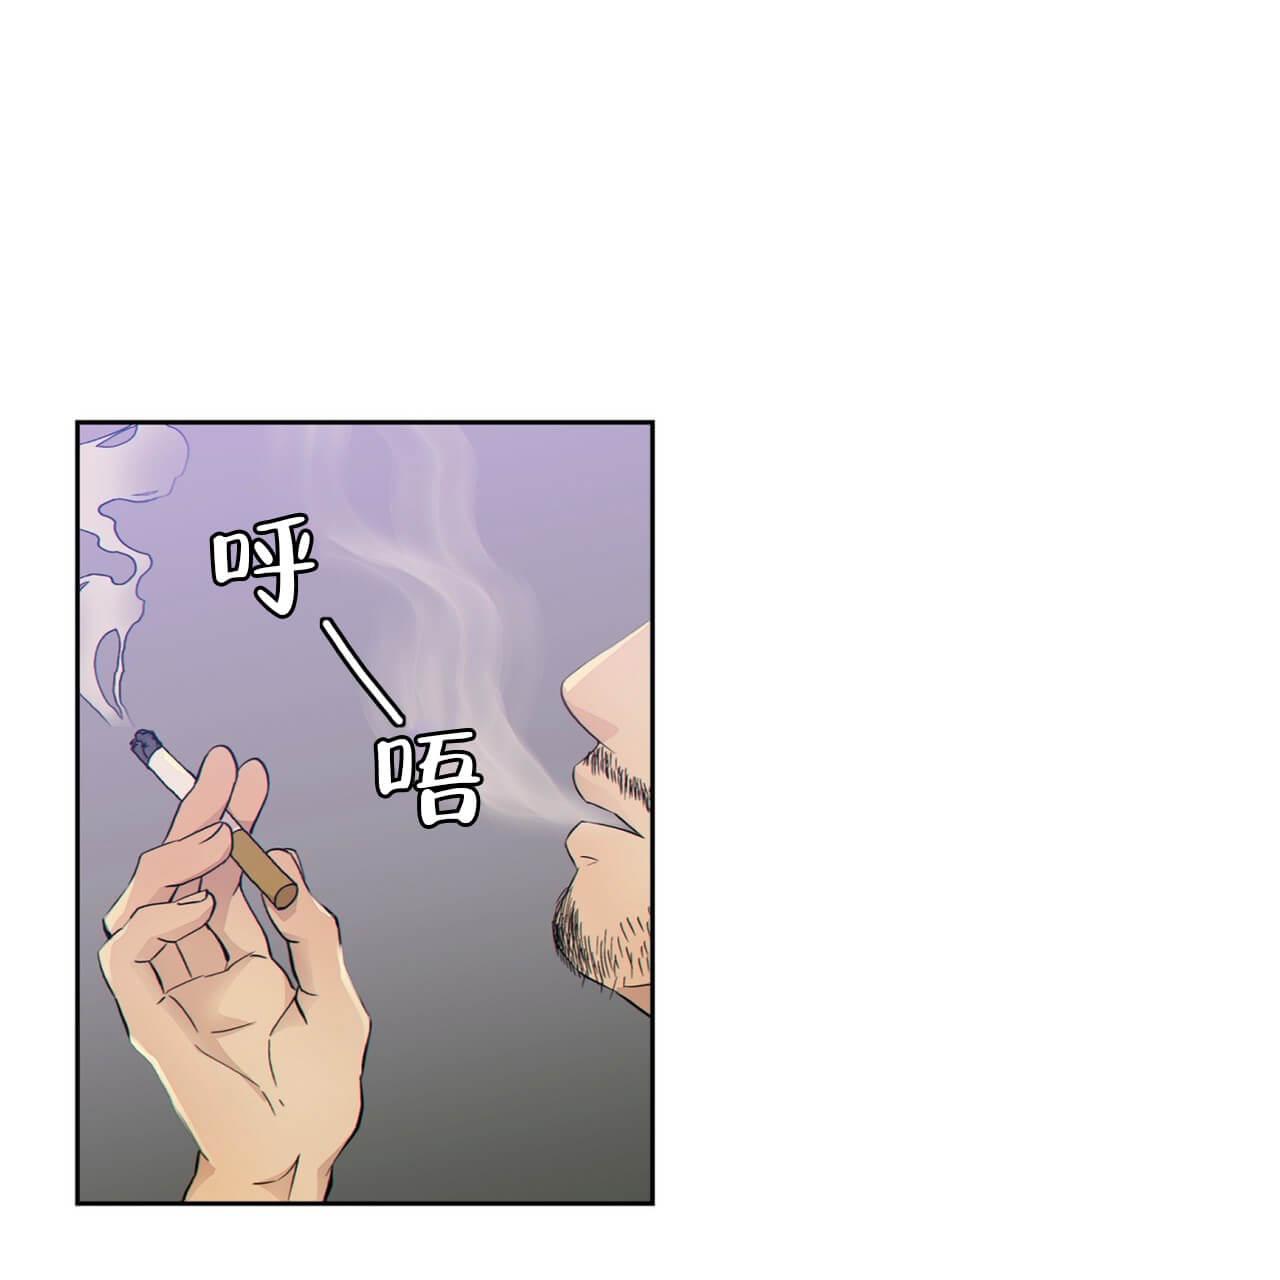 韩漫 |《狗和狼的时间》小奶狗和大灰狼的浪漫爱情!  第44张